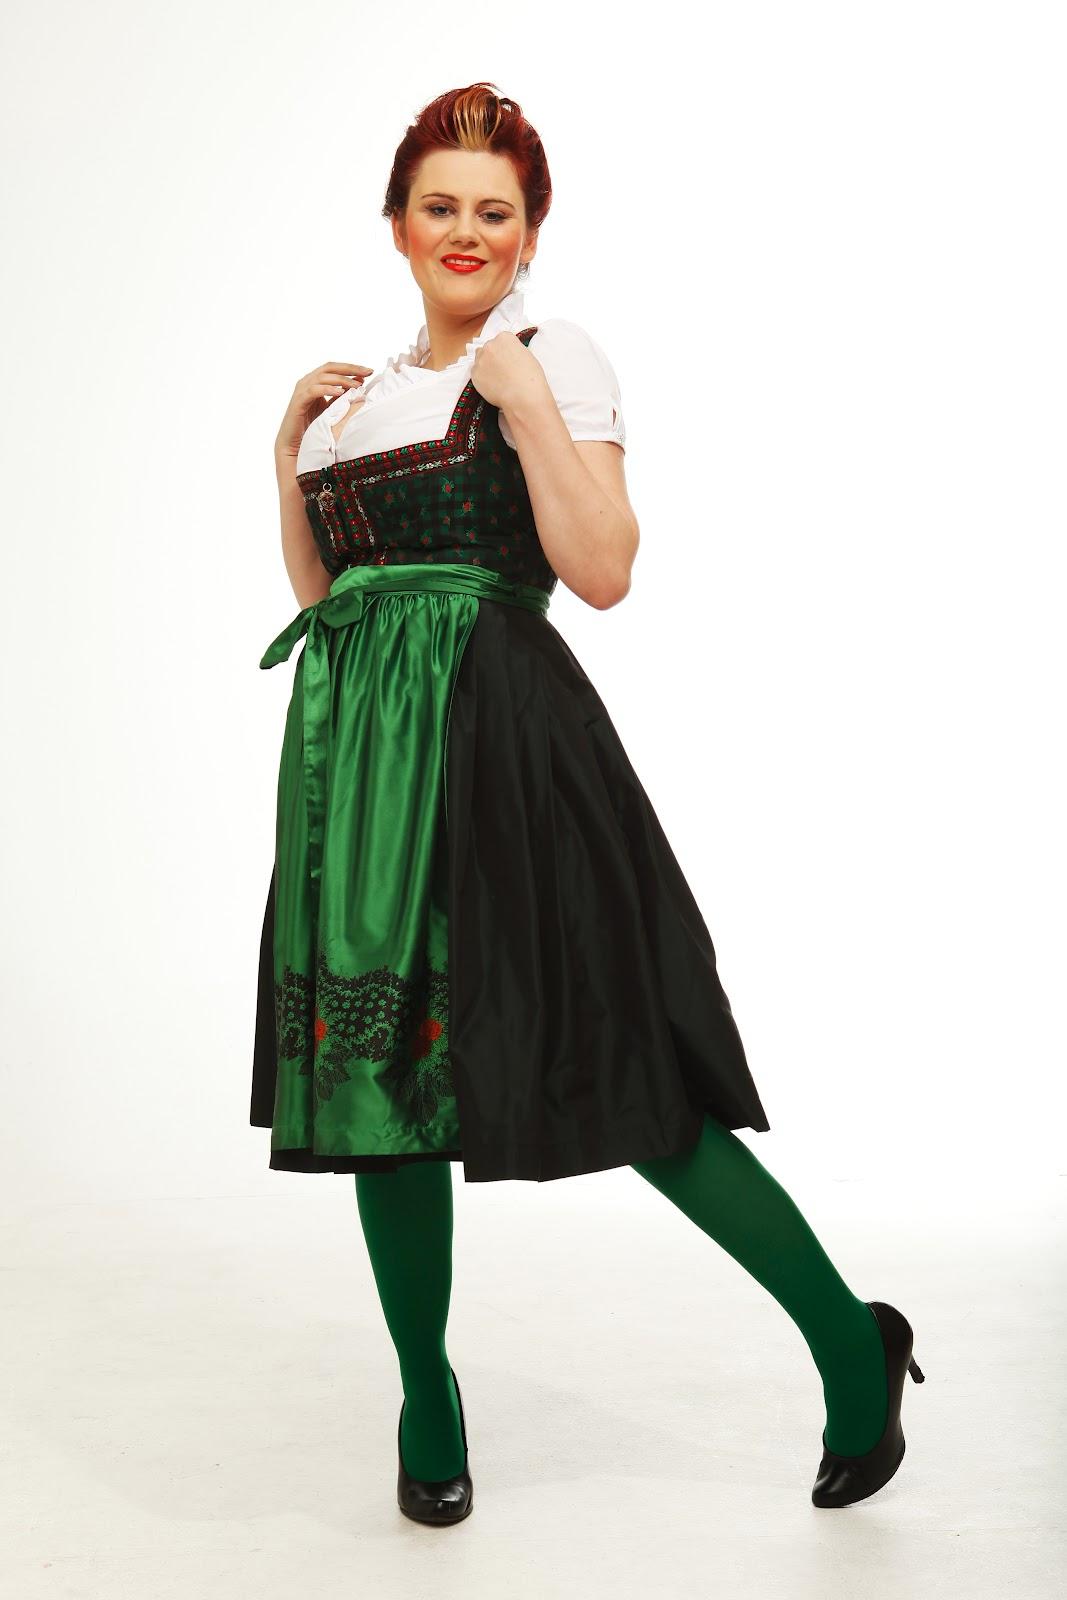 http://3.bp.blogspot.com/-c4OWNJGhvSY/TzrFiNhpcRI/AAAAAAAACDQ/6-X22hlQVDE/s1600/D07-12+rosie+lilly+green+-4.JPG